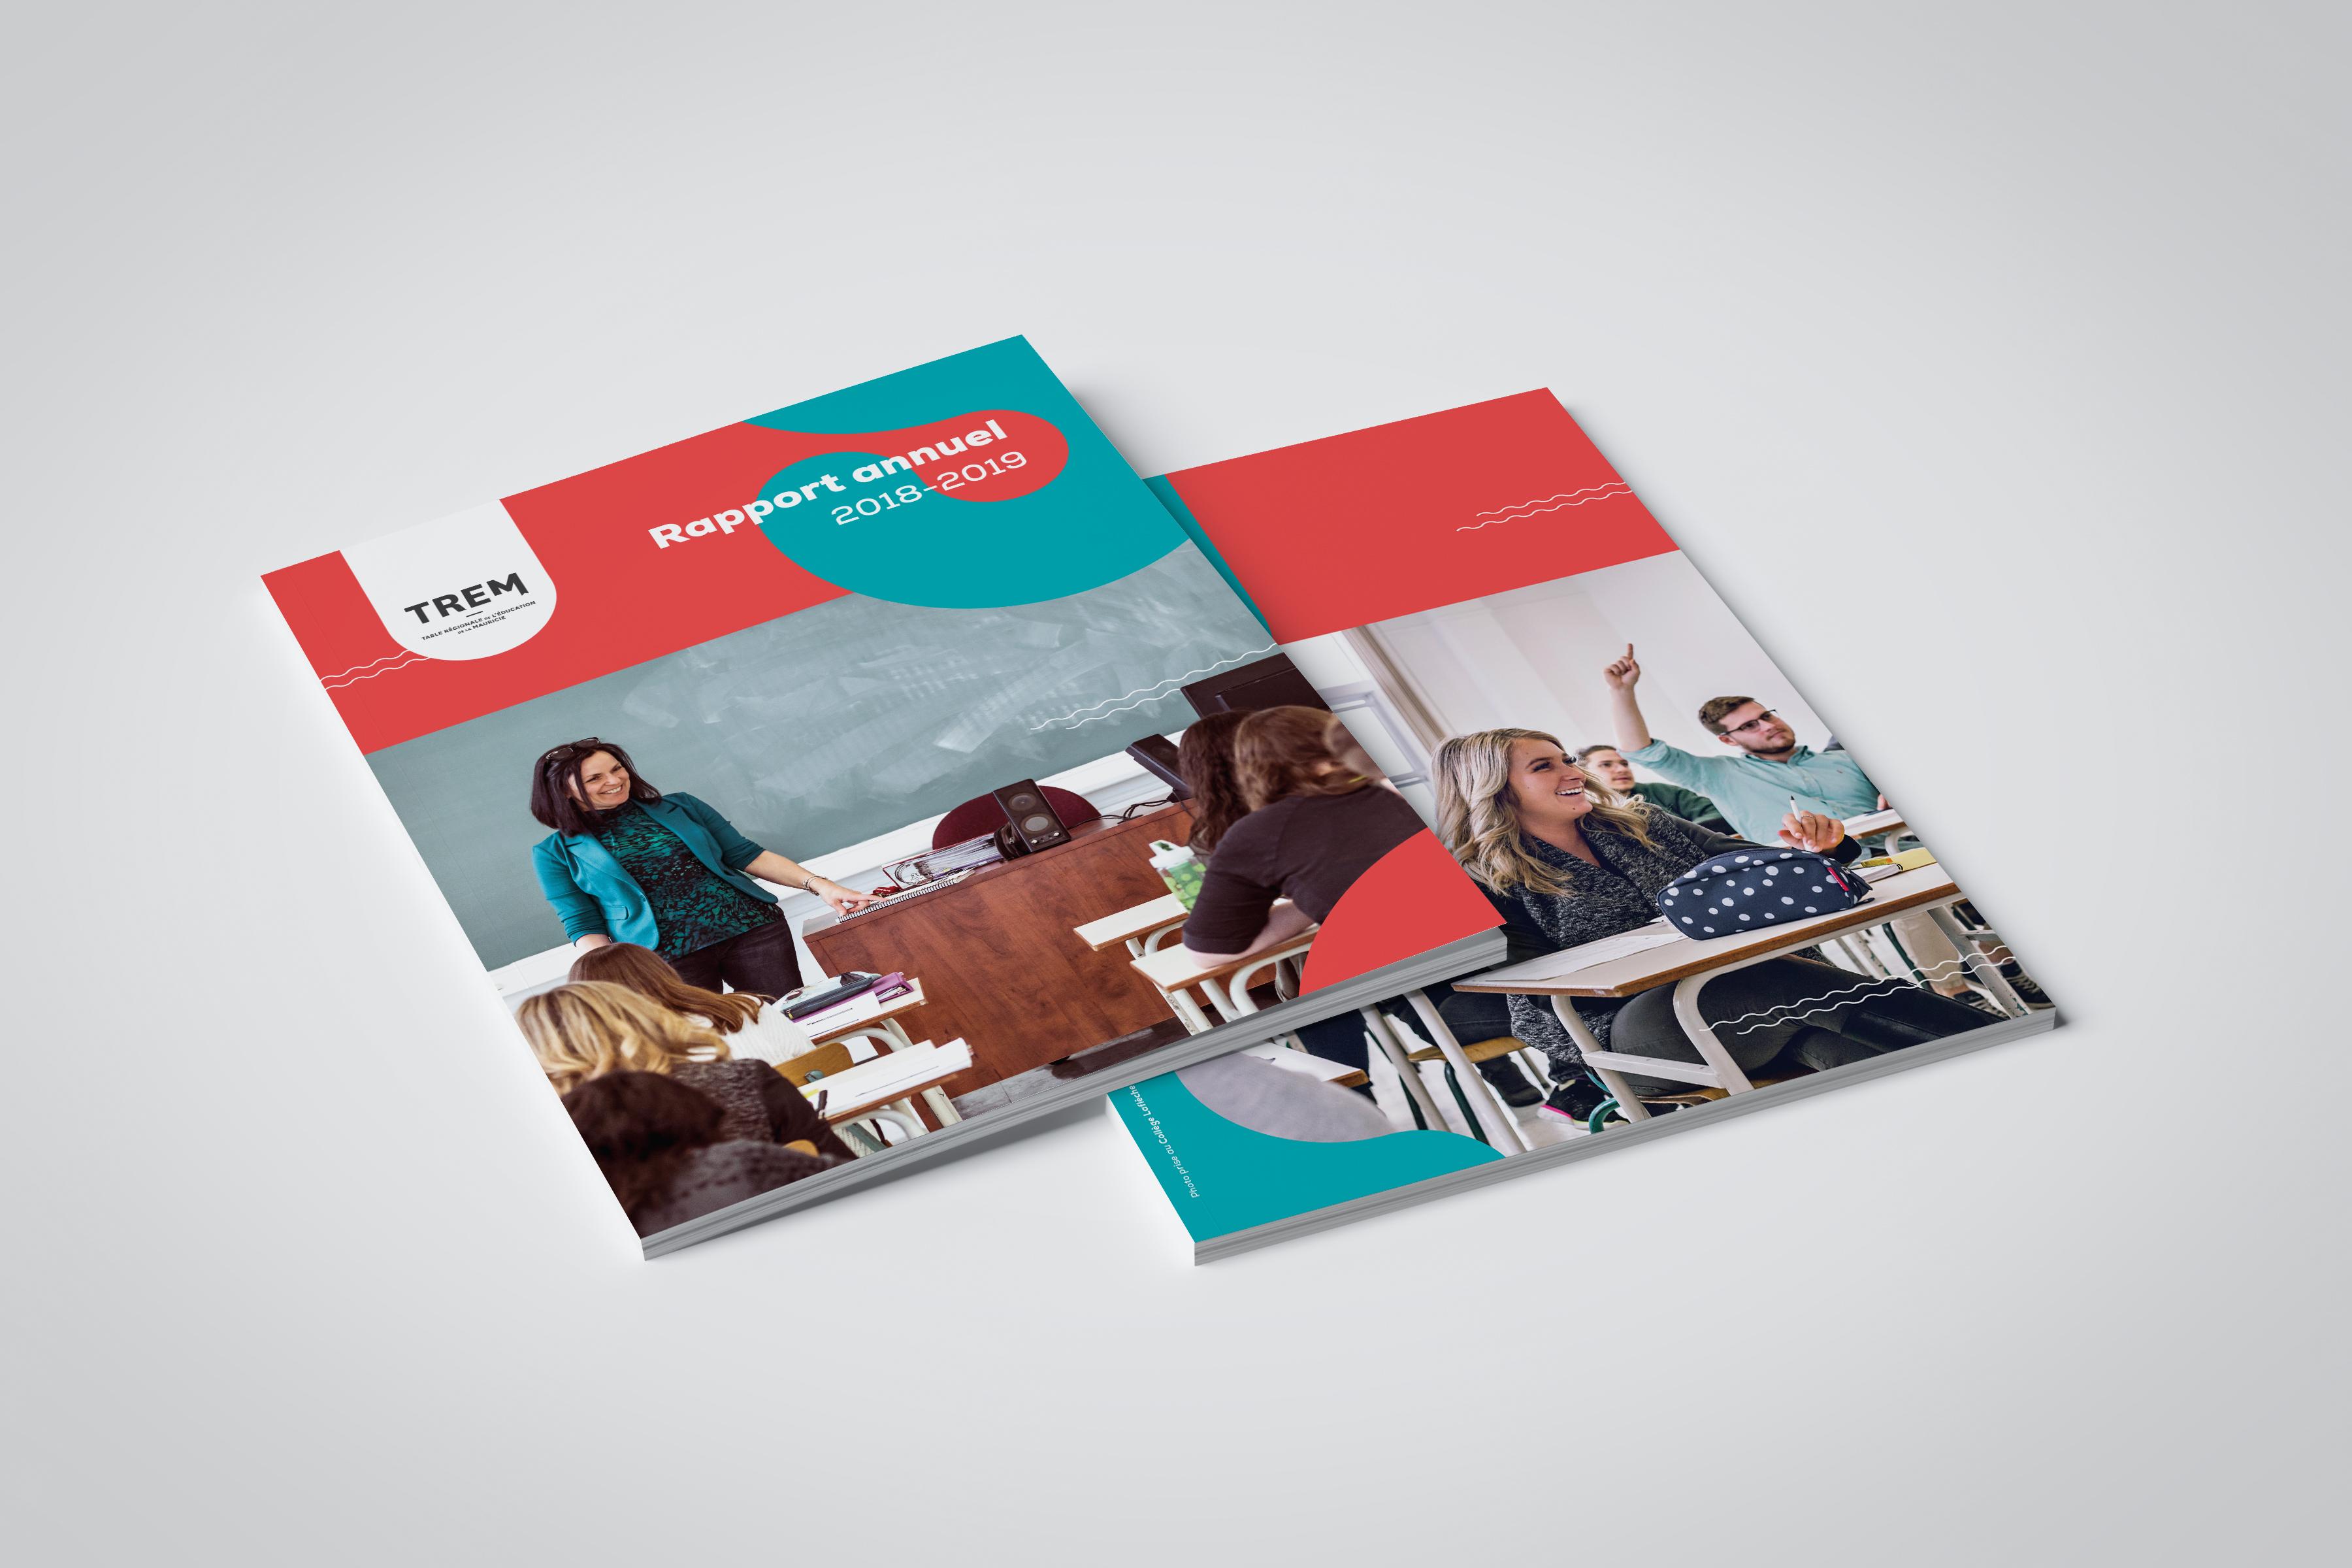 mise en page du rapport annuel 2018-2019 de la TREM